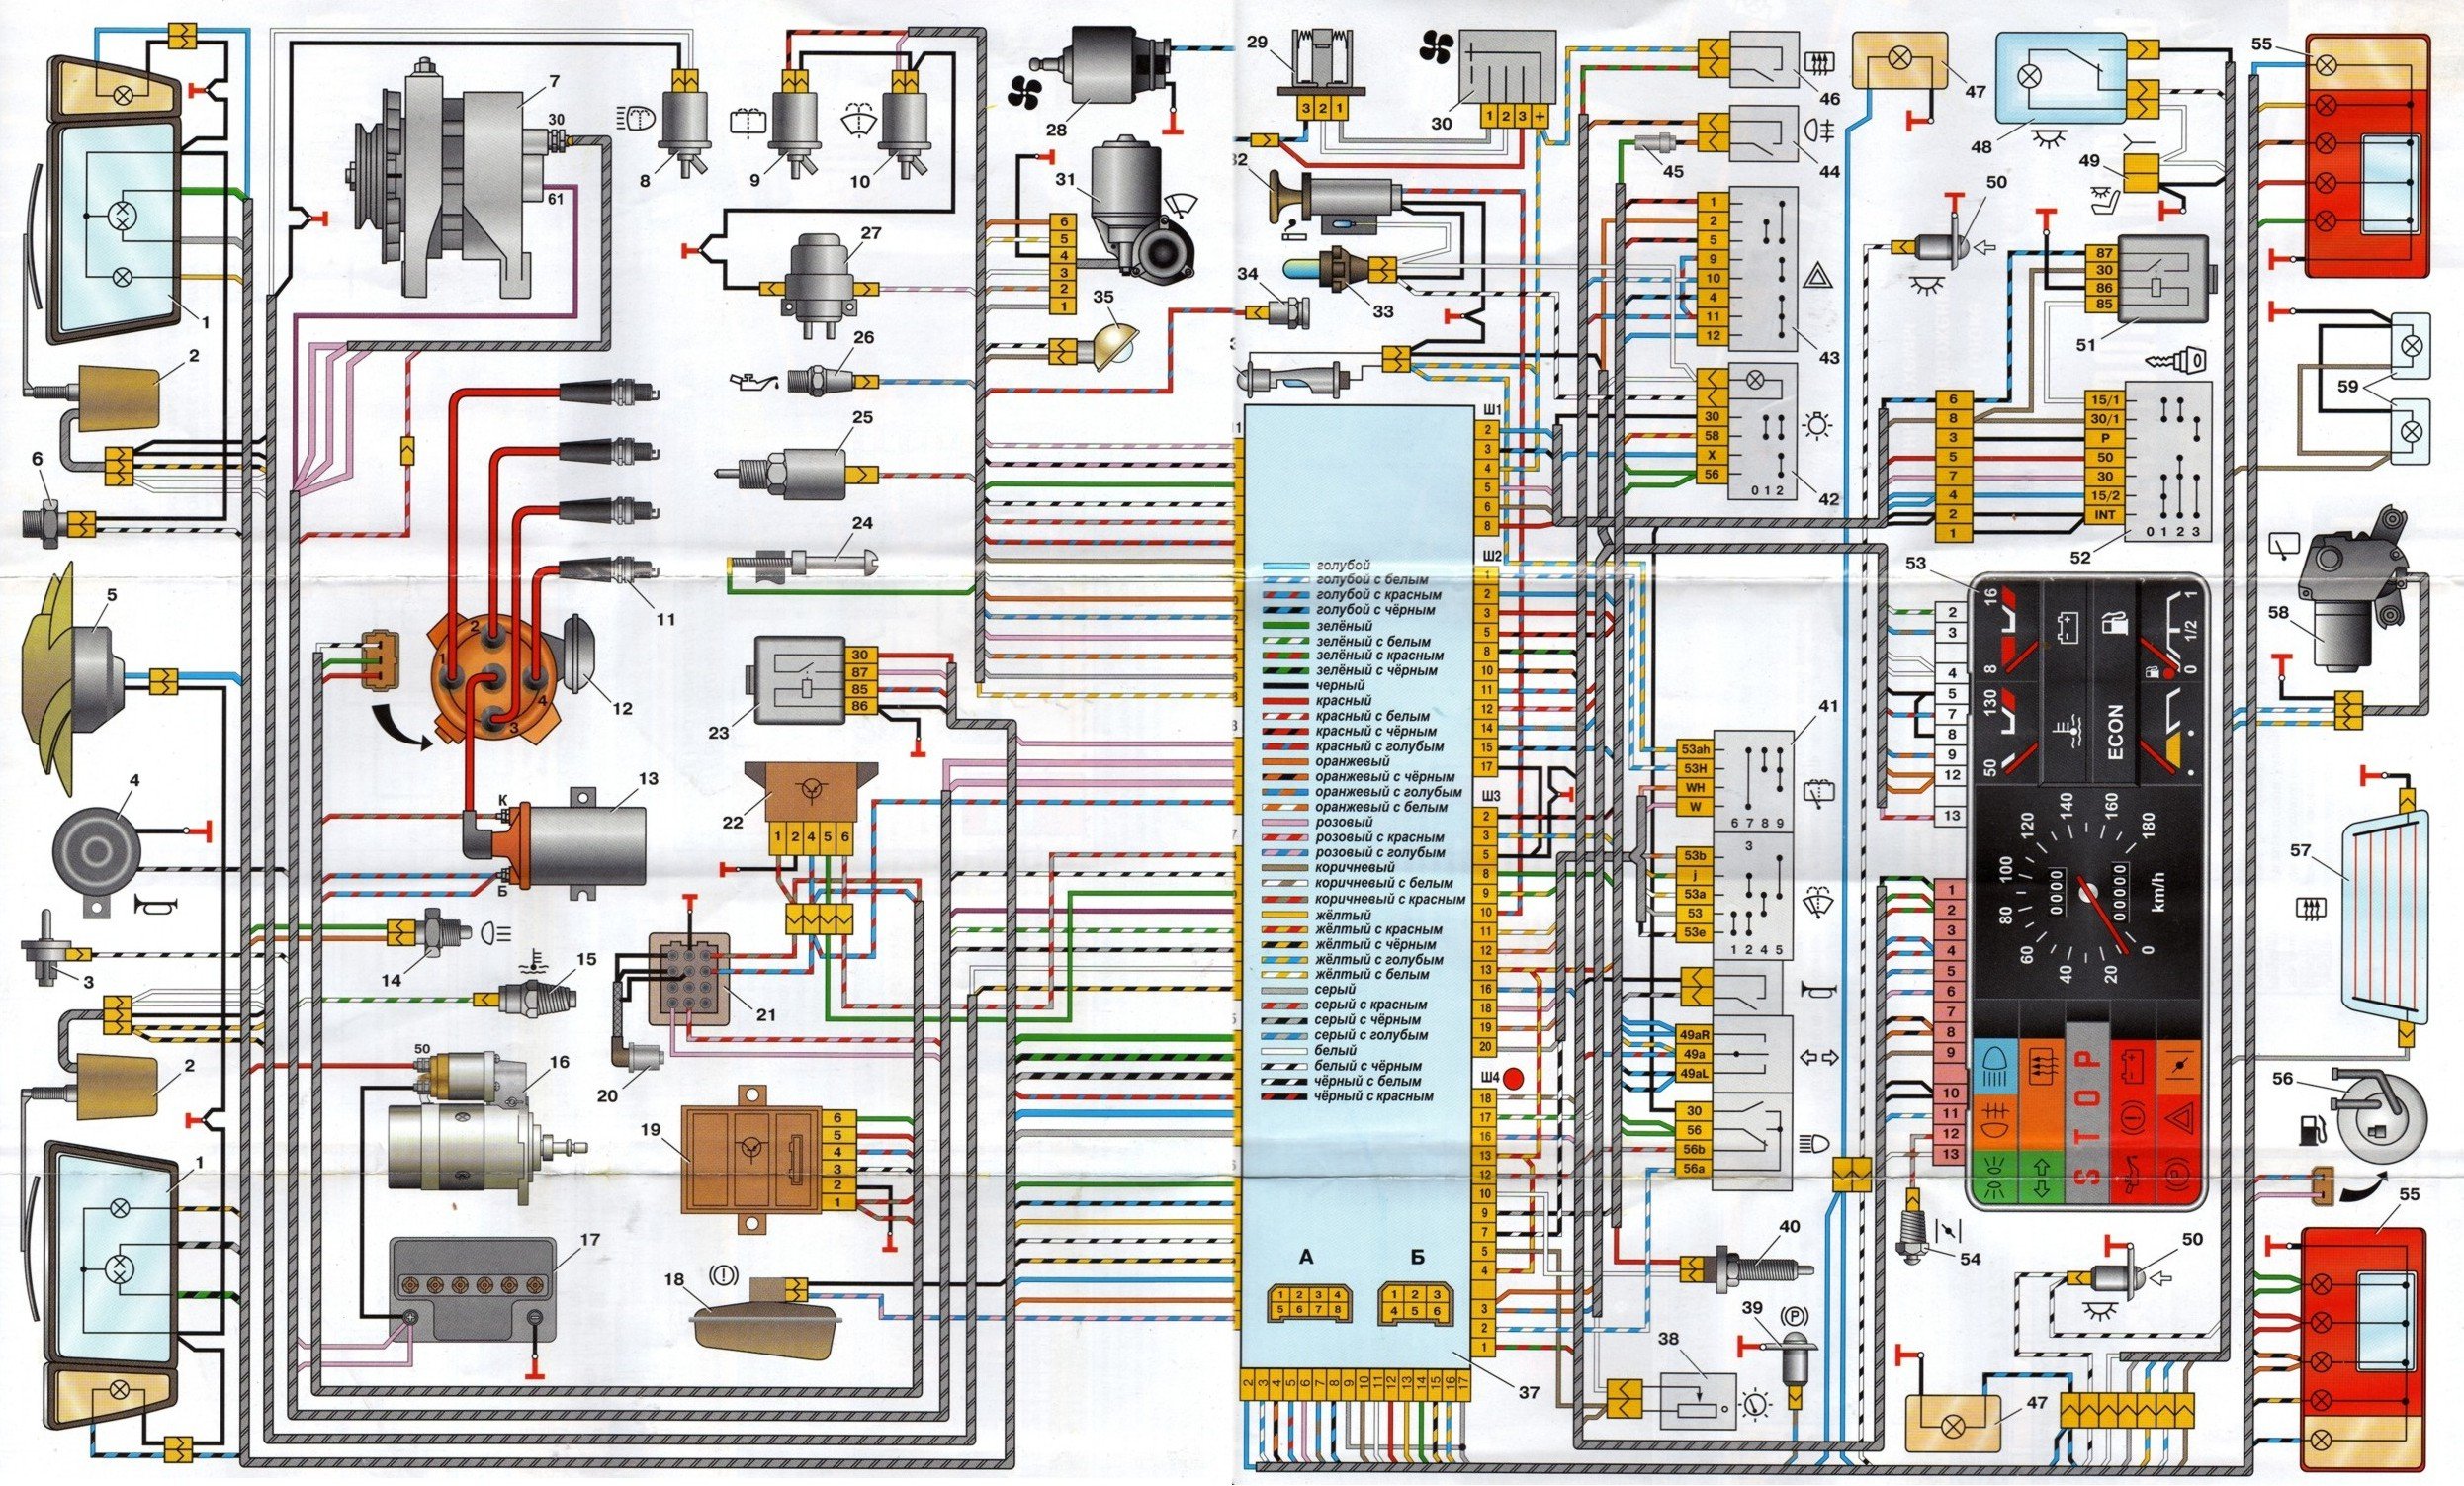 ваз-2106 електрическая схема